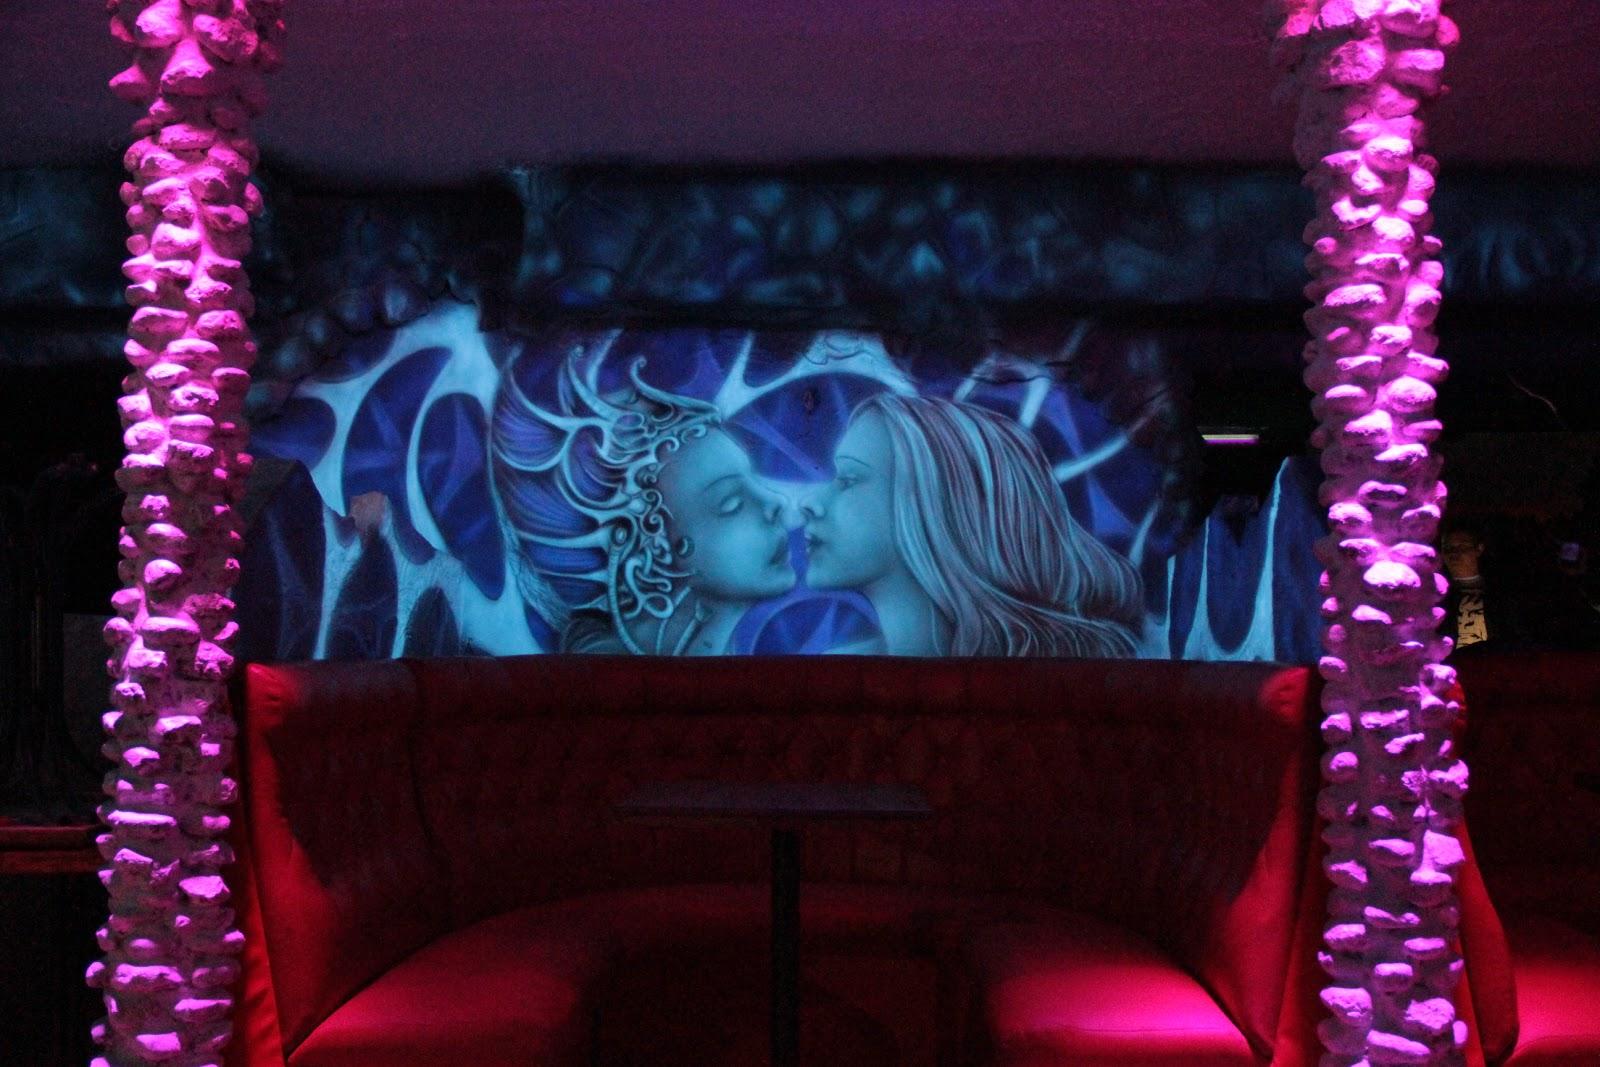 Artystyczne malowanie ścian w klubie Arctika w Płocku, mural ścienny UV, black light murals